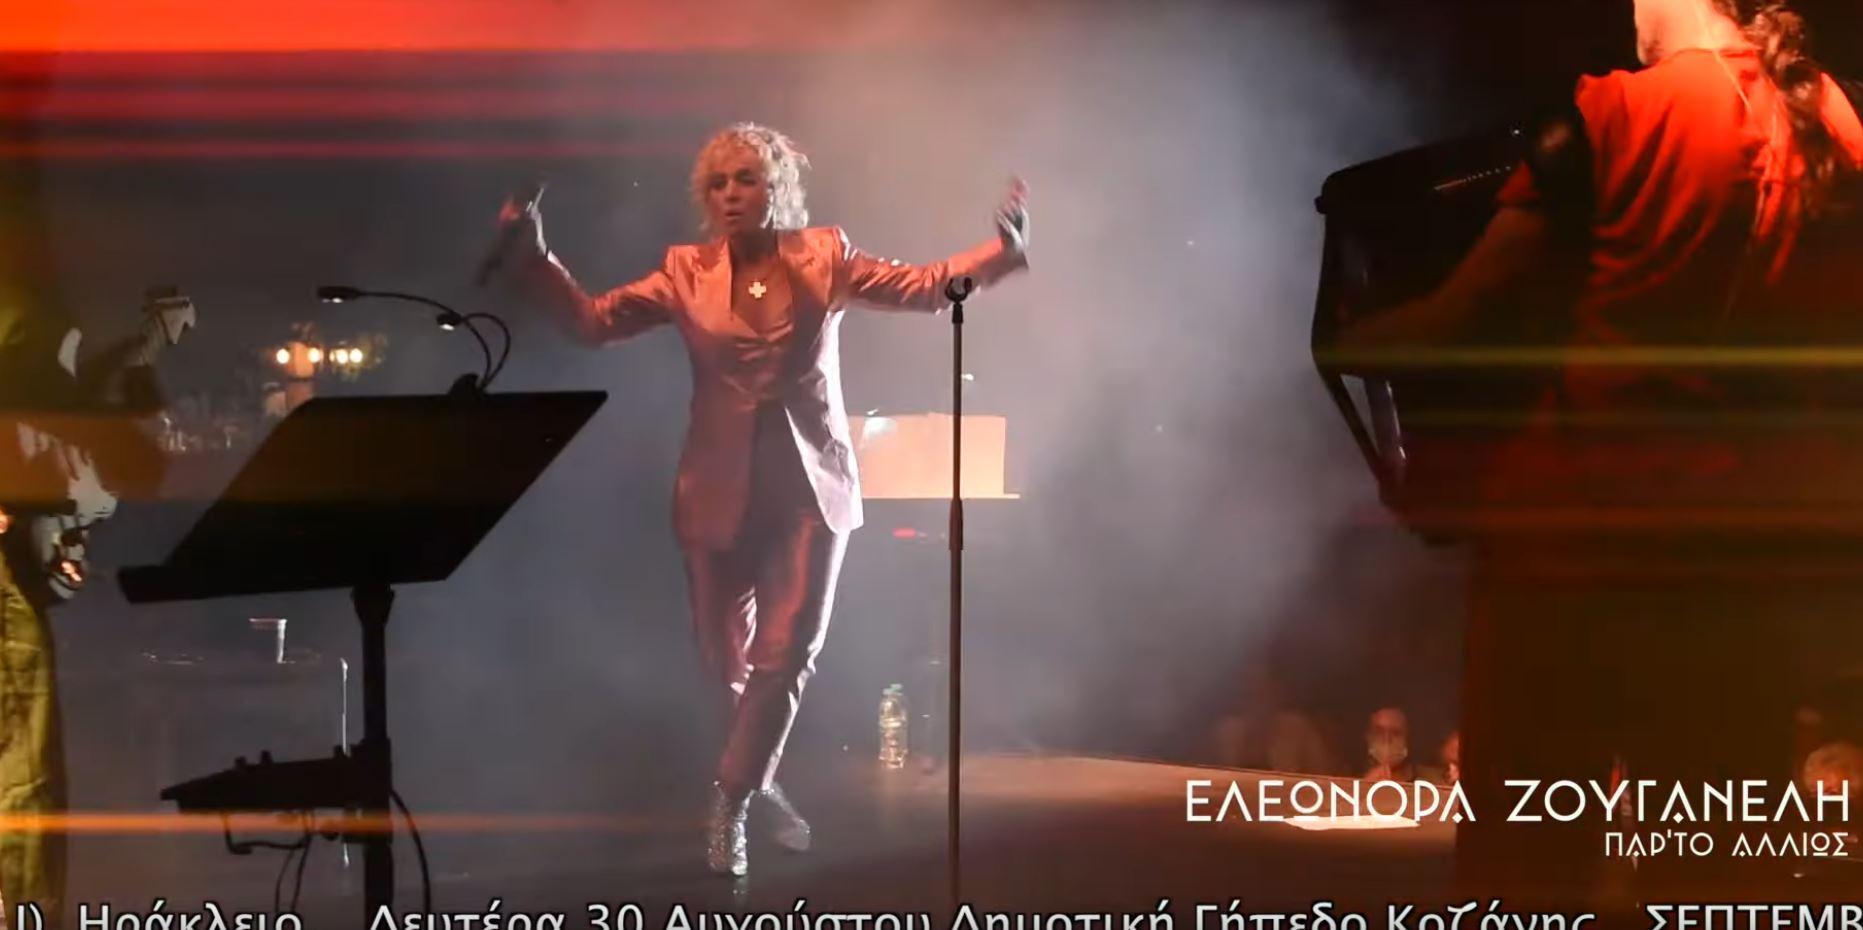 Δευτέρα 30 Αυγούστου στο ΔΑΚ Κοζάνης συναυλία με την Ελεωνόρα Ζουγανέλη